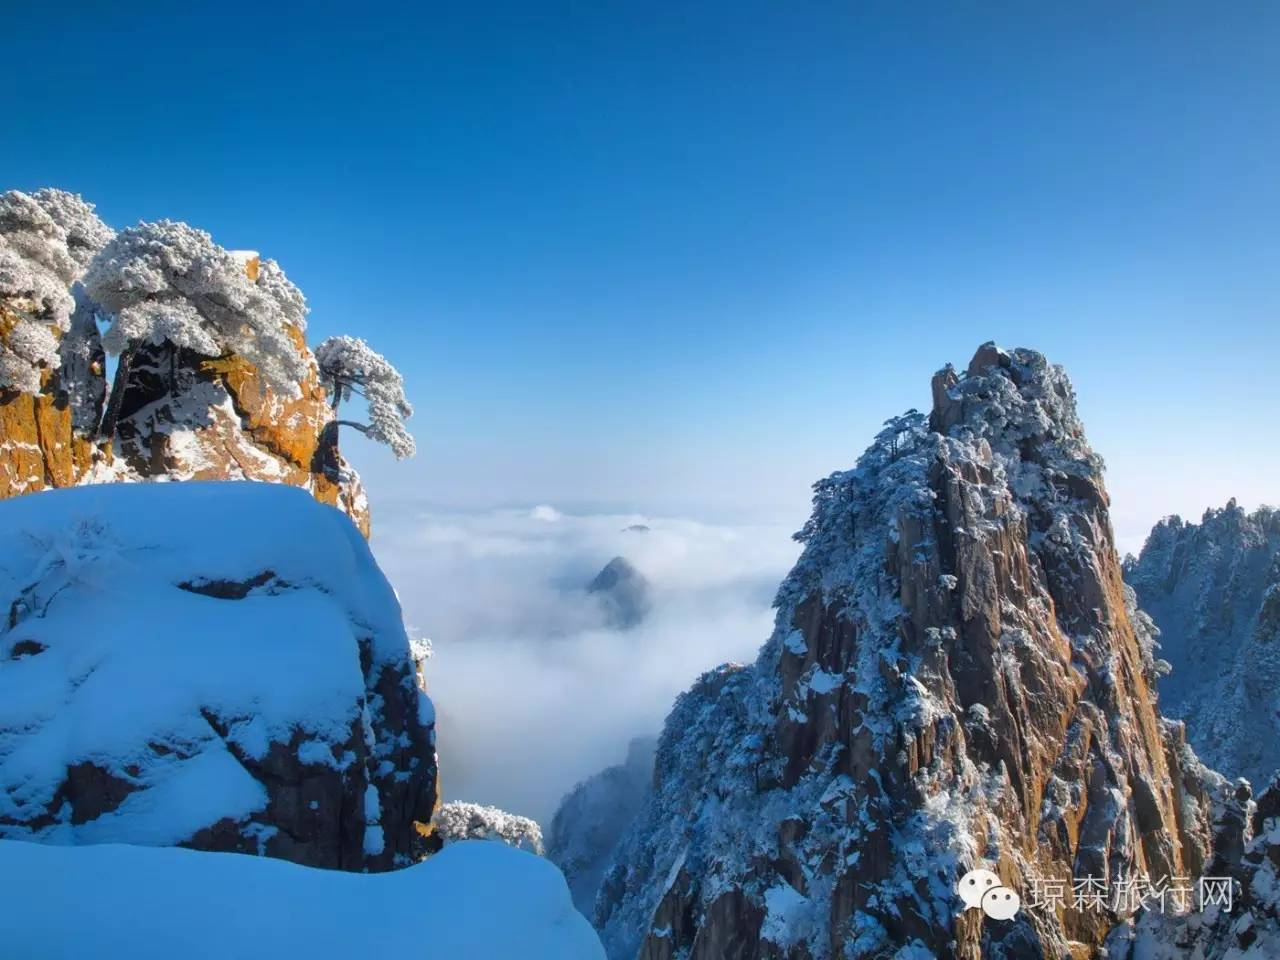 2018年大美黄山冬季联盟专题v联盟攻略三日团(上海出发雪景怪物完美之旅图片